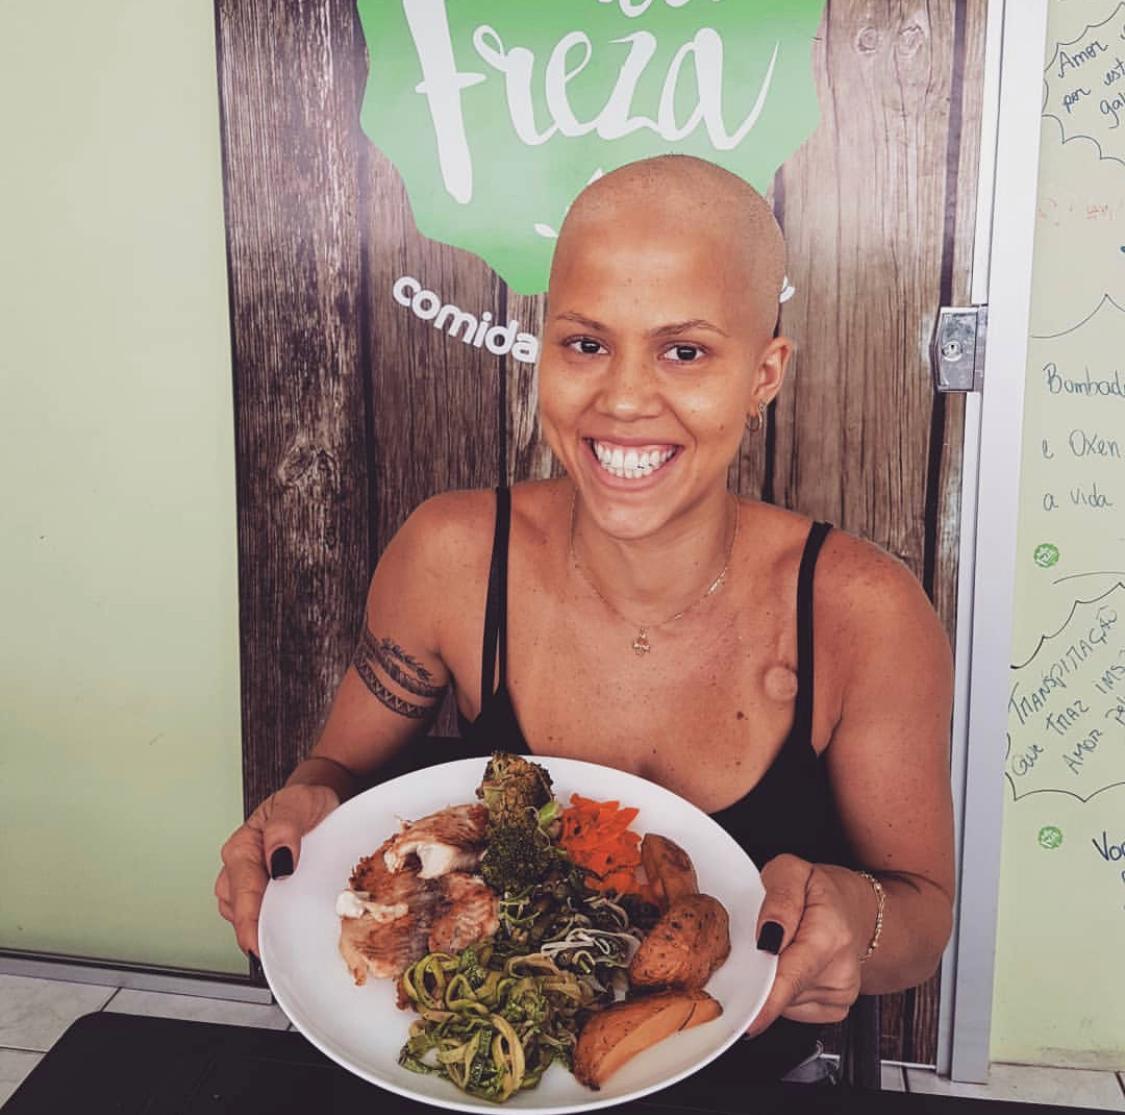 Nutricionista brasiliense que superou câncer investe em empresa de alimentação saudável